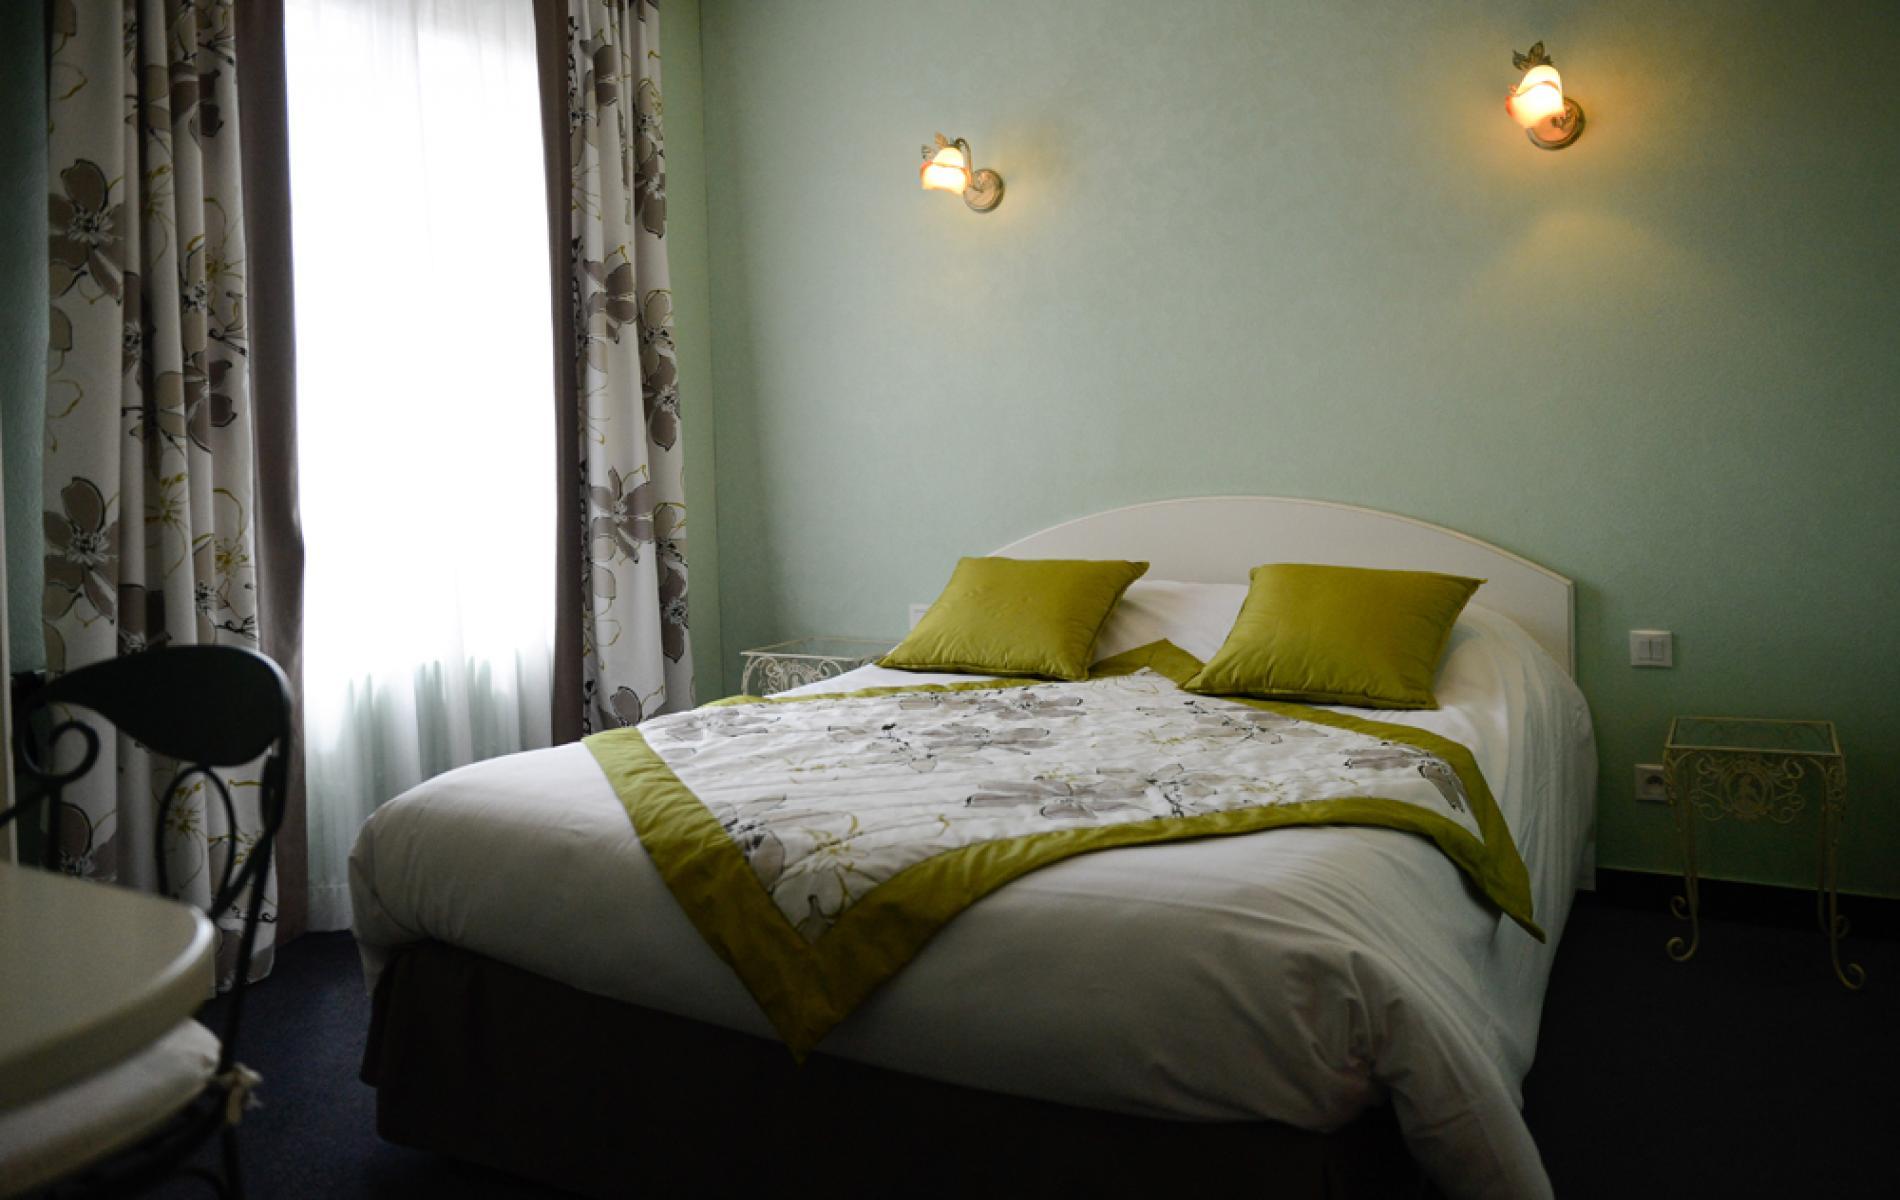 Chambre standard de l'hôtel des ducs